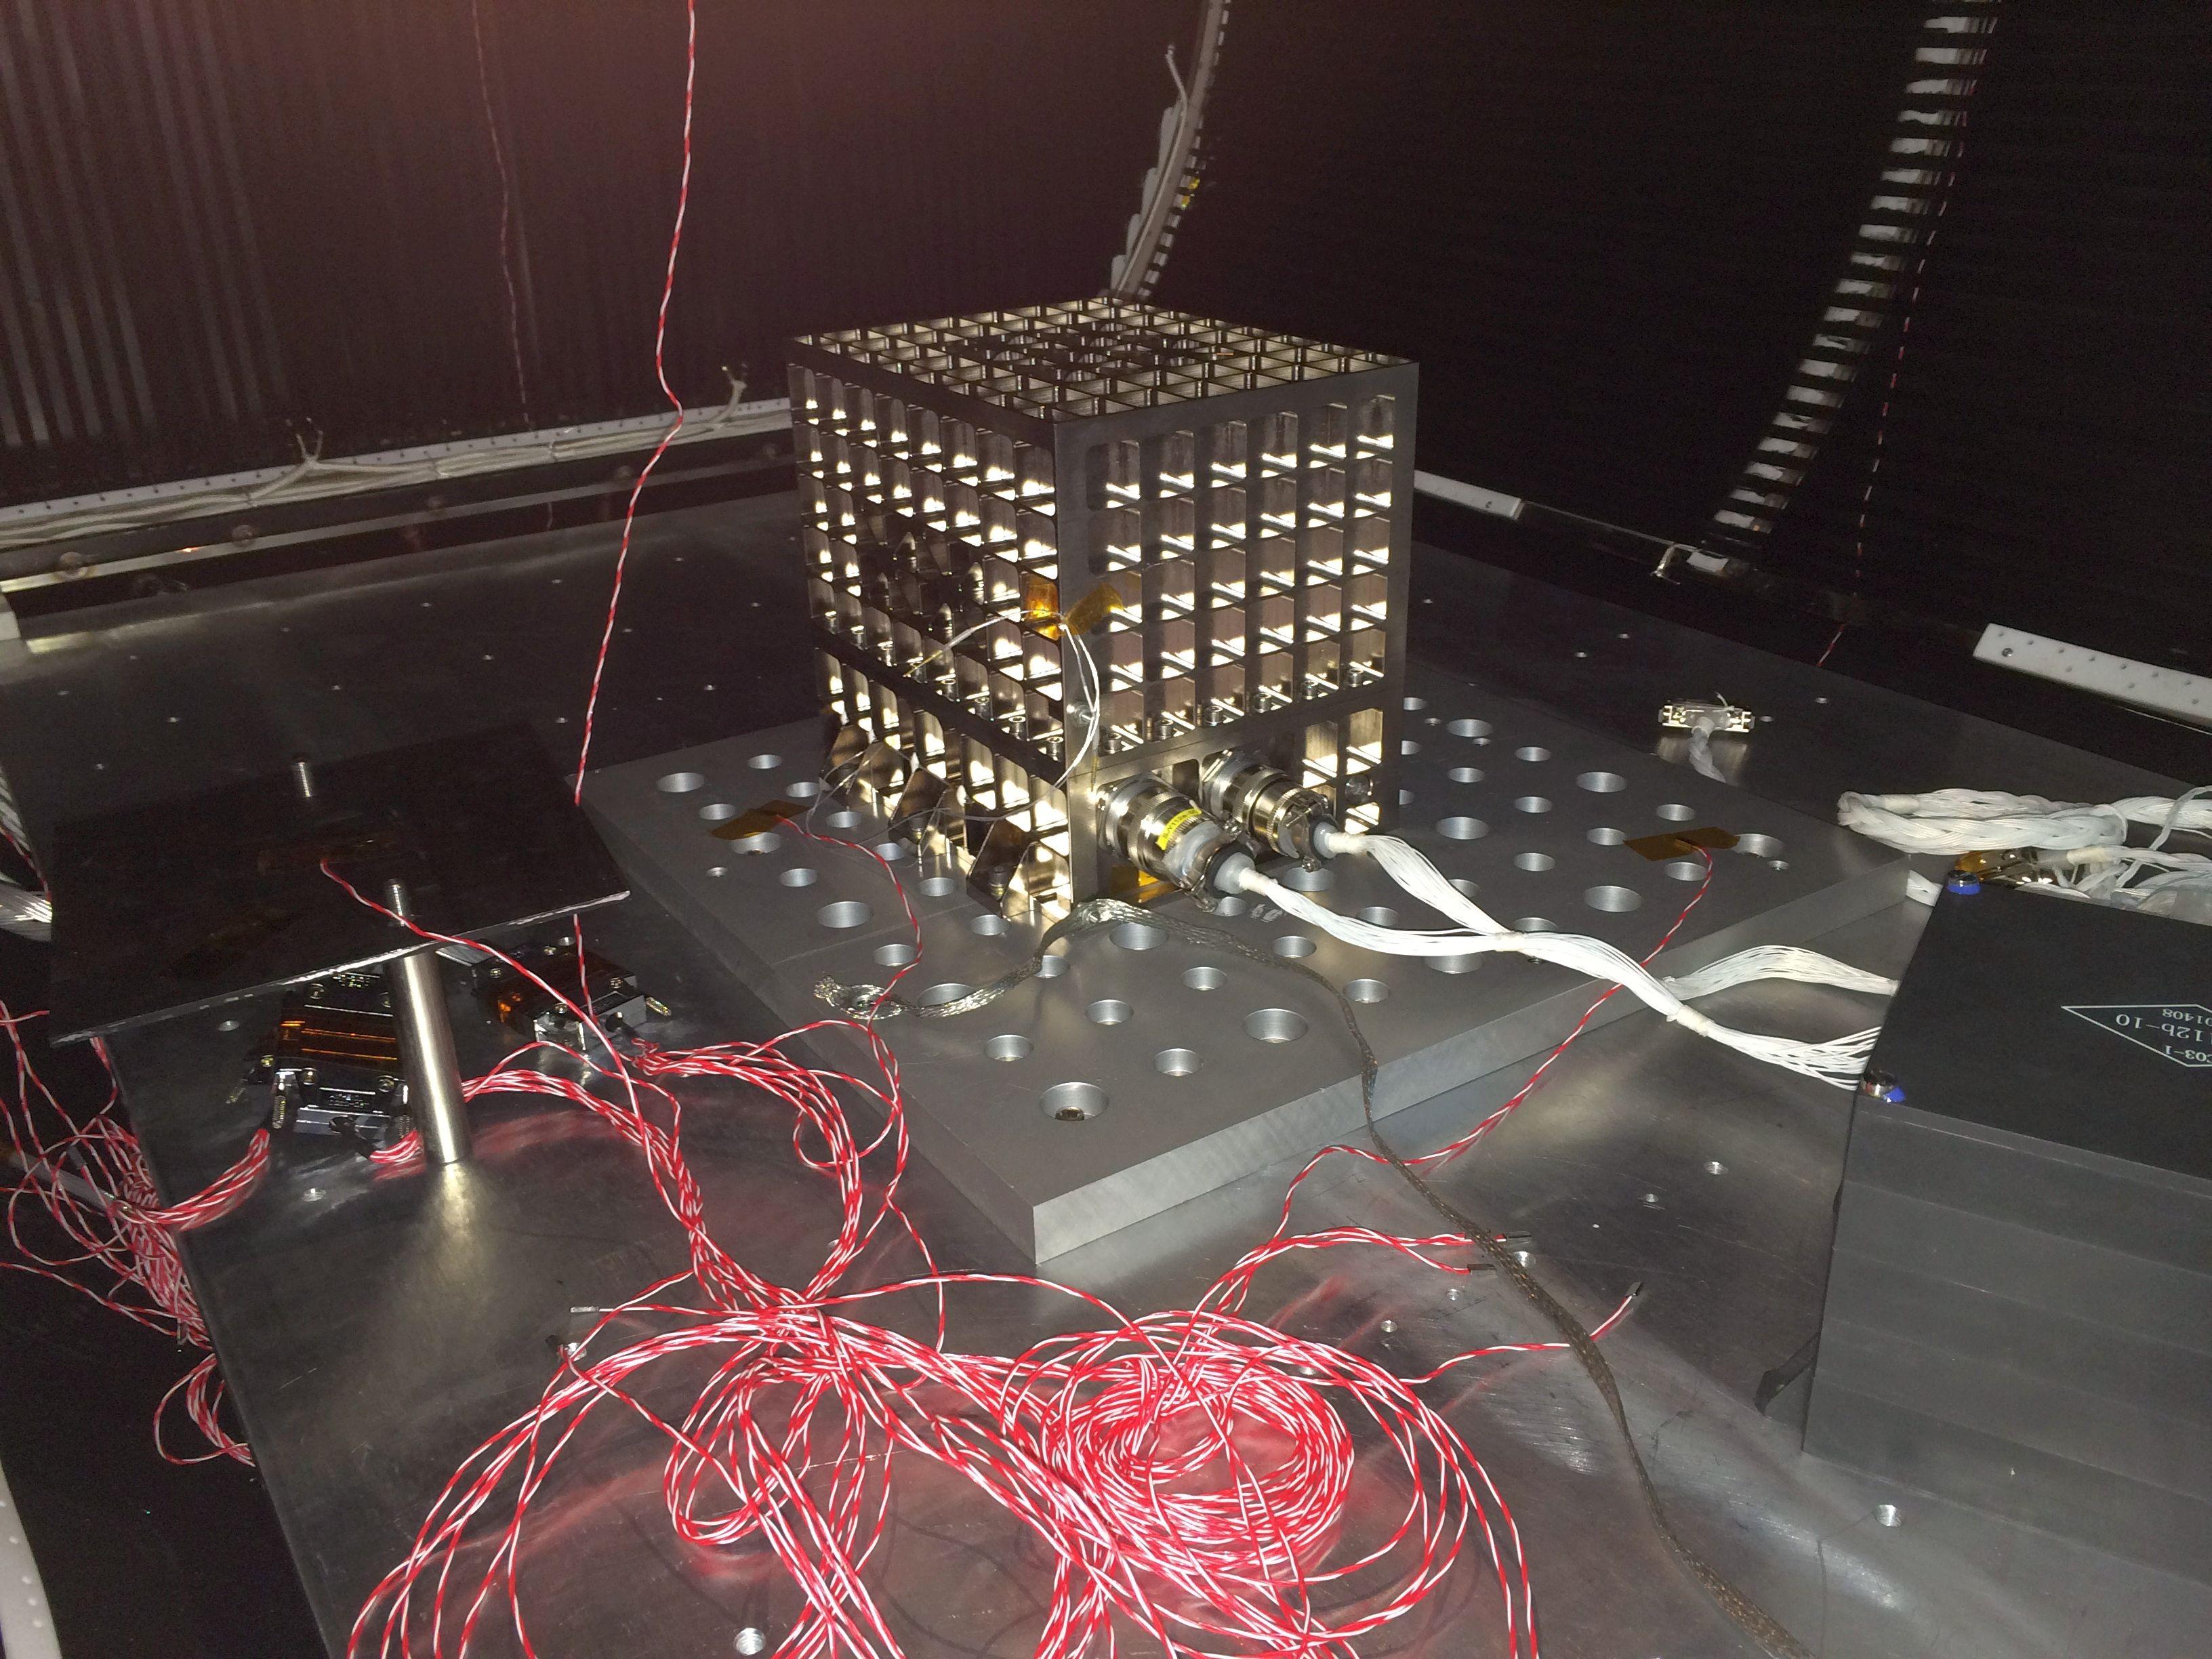 Lancement CZ-2D / SJ-10 à JSLC - le 6 Avril 2016 - [Succès] Crude_oil_experiment_thermal-vacuum_testing